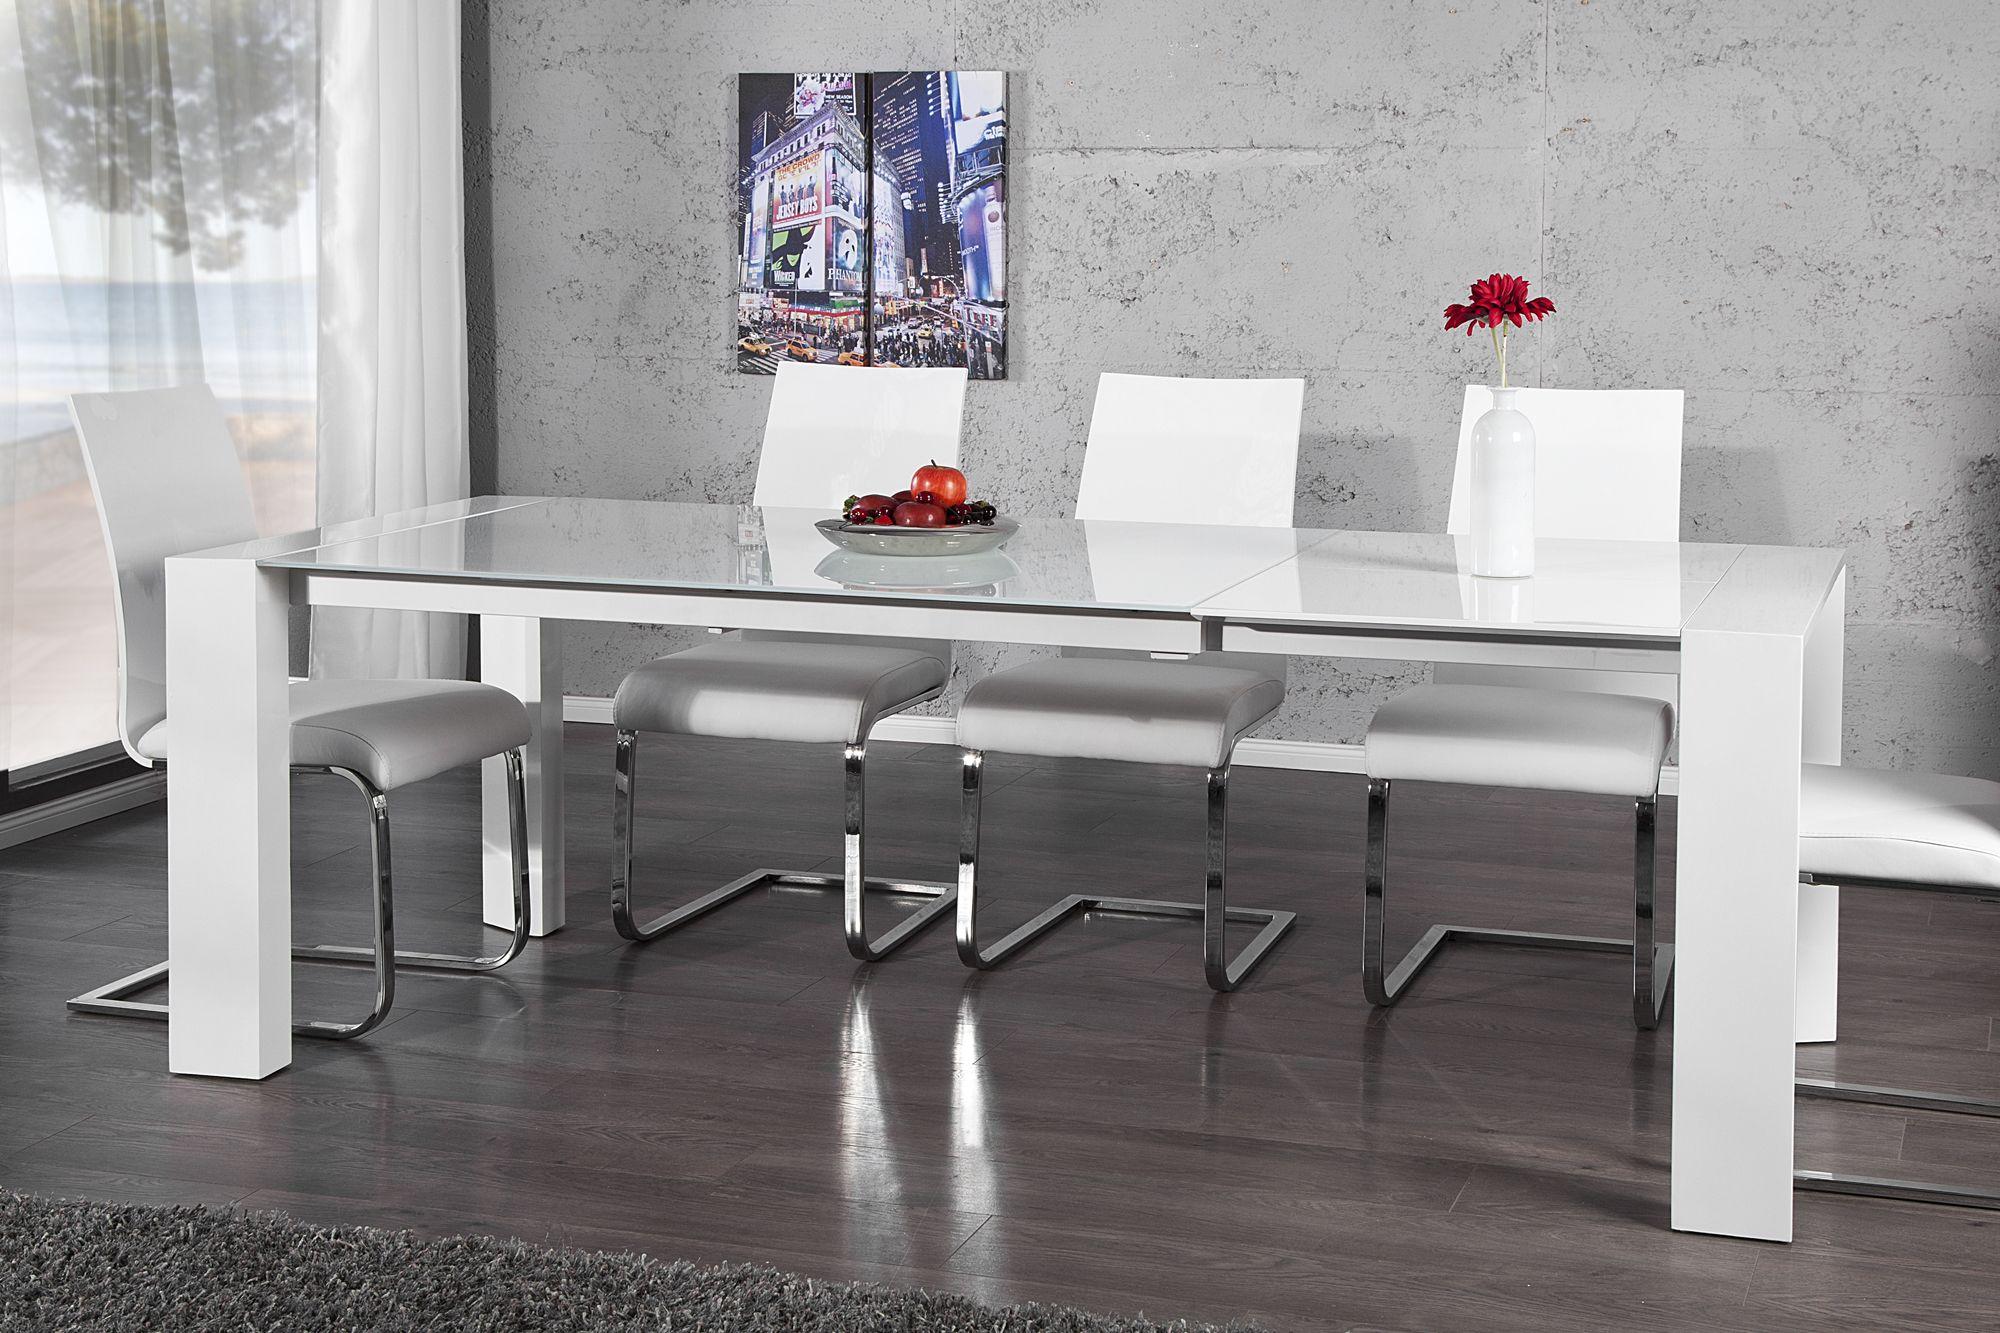 der beeindruckende esstisch expanda besticht durch seine. Black Bedroom Furniture Sets. Home Design Ideas